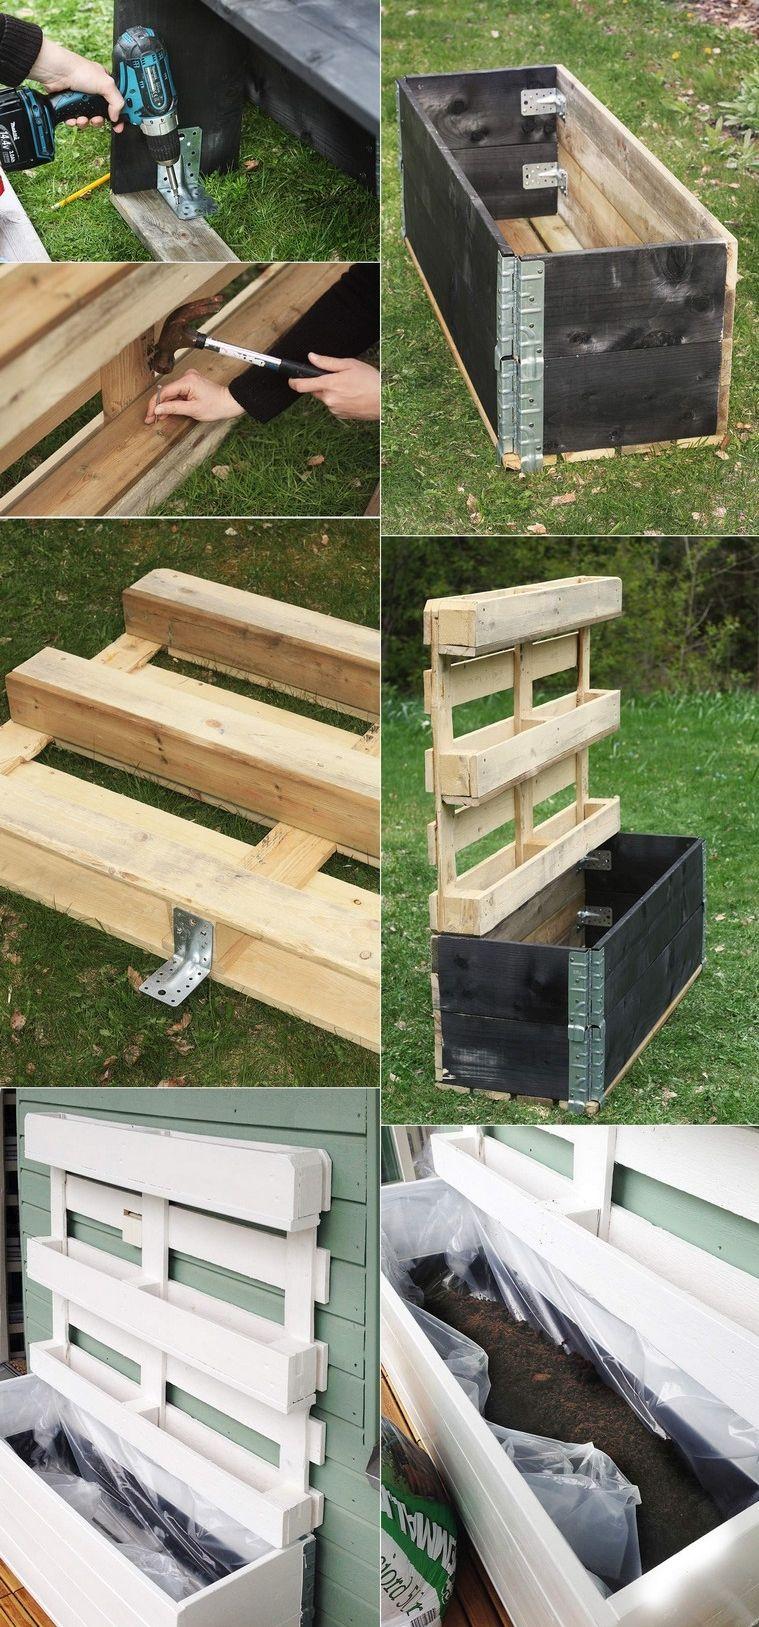 Fabriquer Une Jardiniere Verticale En Palette Bois Diy Palette Garden Vertical Pallet Garden Vertical Planter